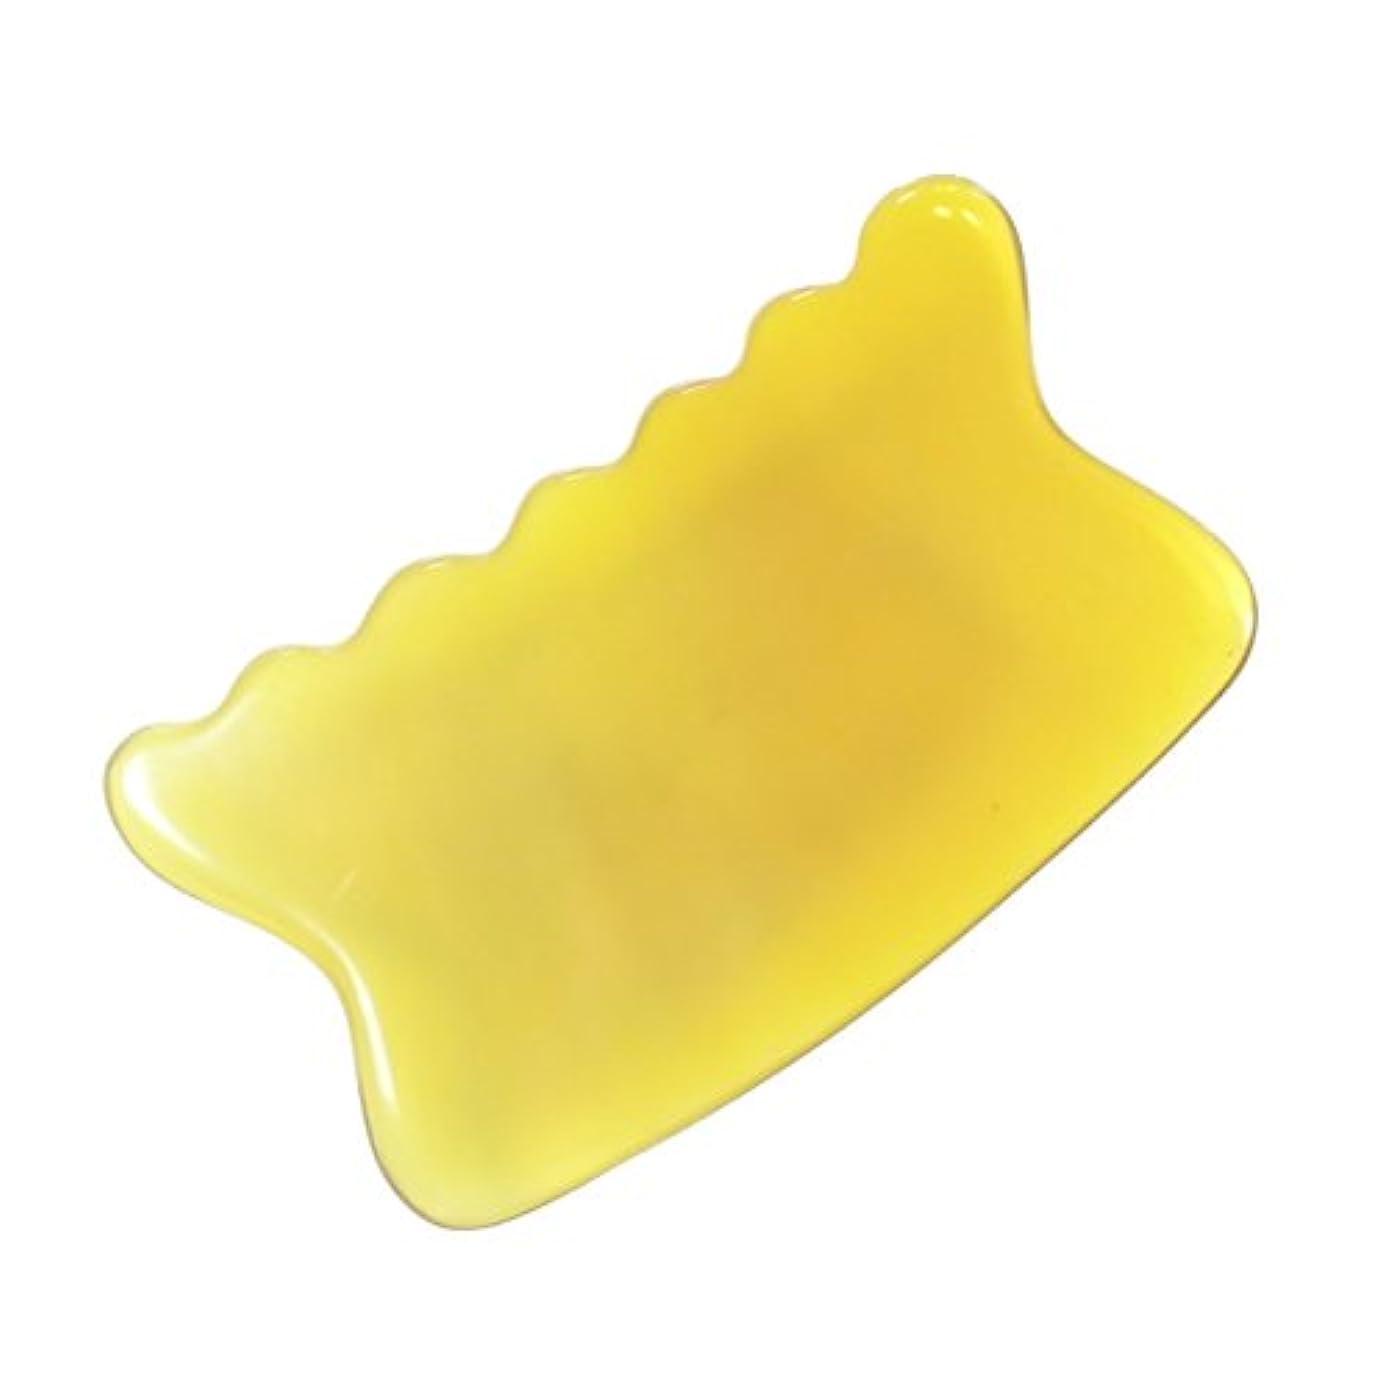 ブランチ潮チューリップかっさ プレート 希少55 黄水牛角 極美品 曲波型